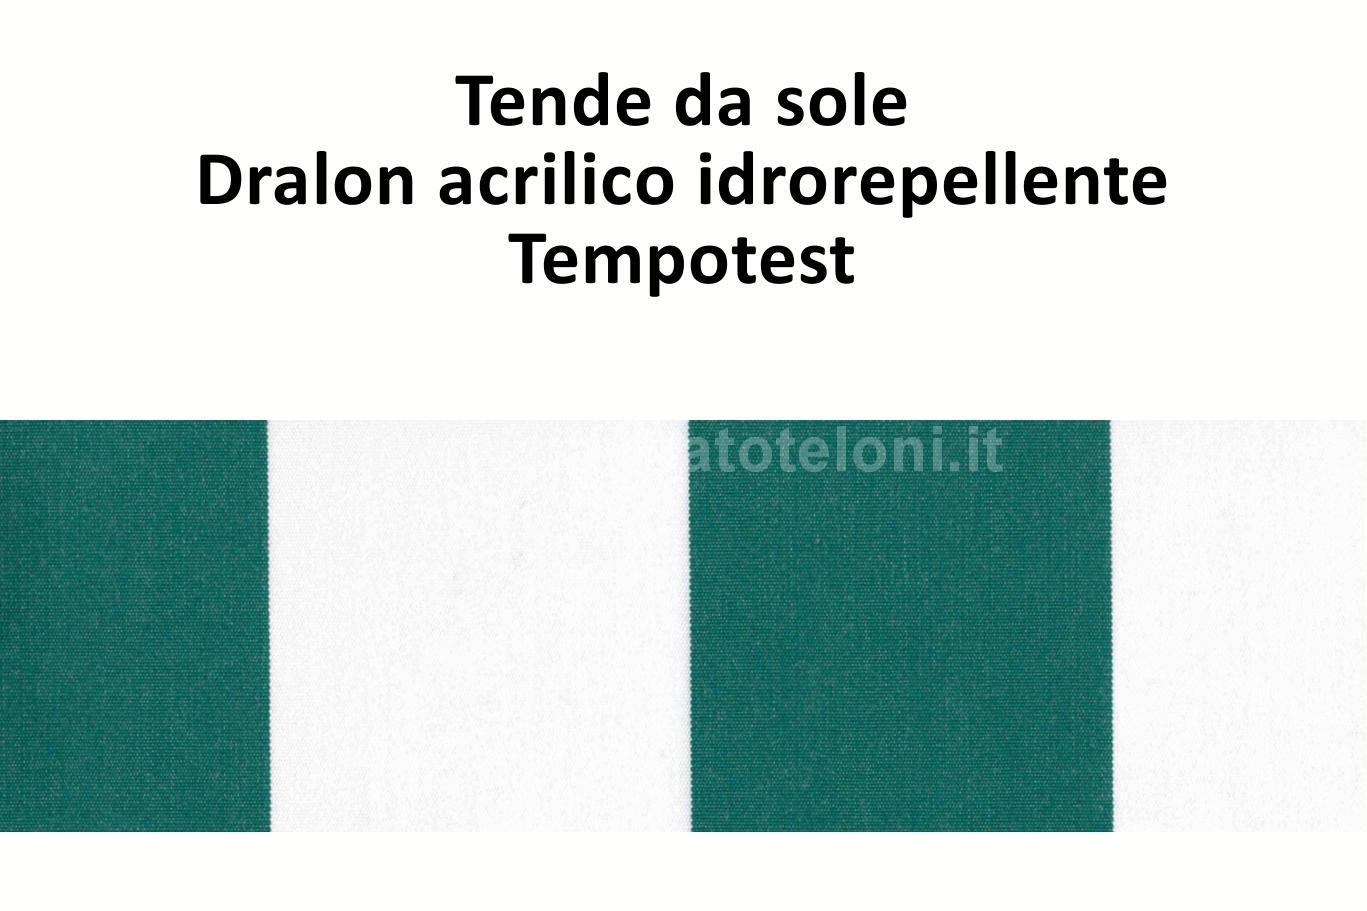 tende da sole dralon acrilico idrorepellente rigato verde